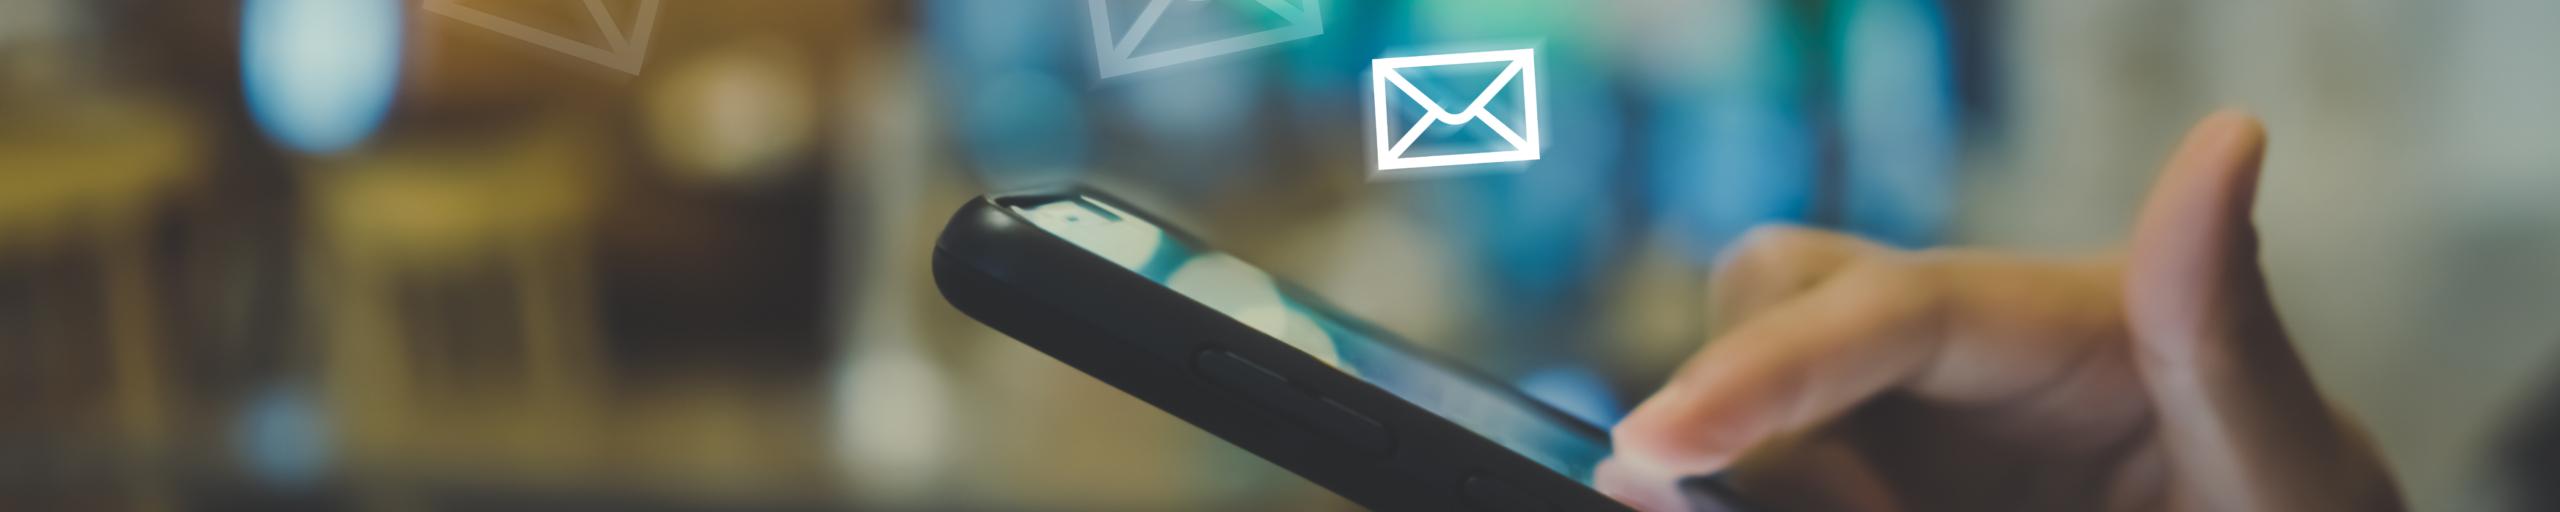 Headerbild E-Mails fliegen aus Smartphone